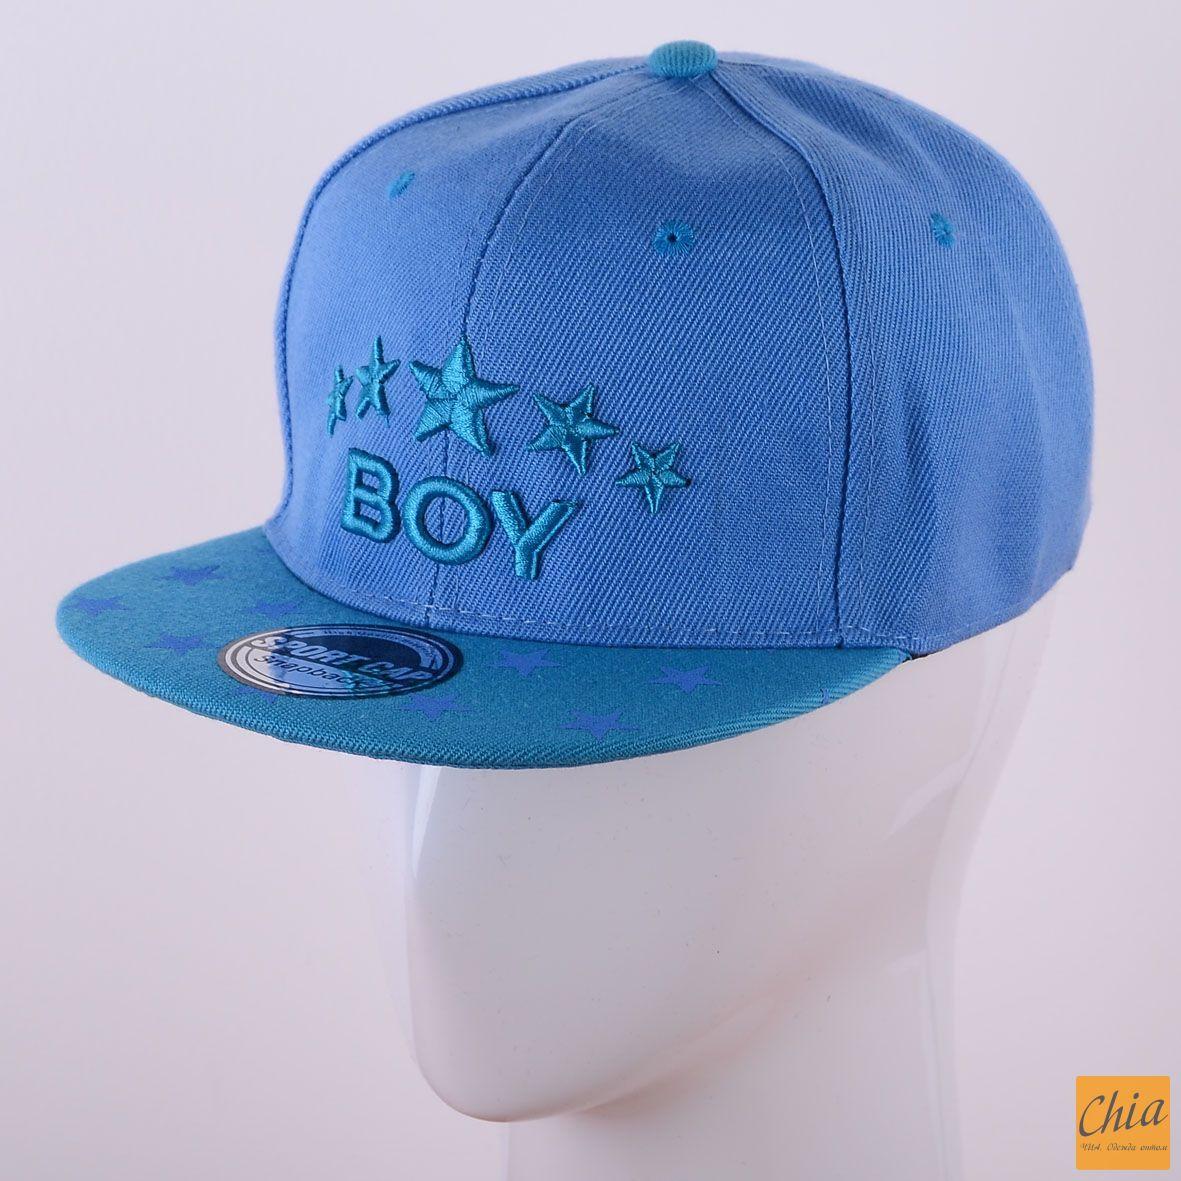 Вышивка на кепках в санкт-петербурге